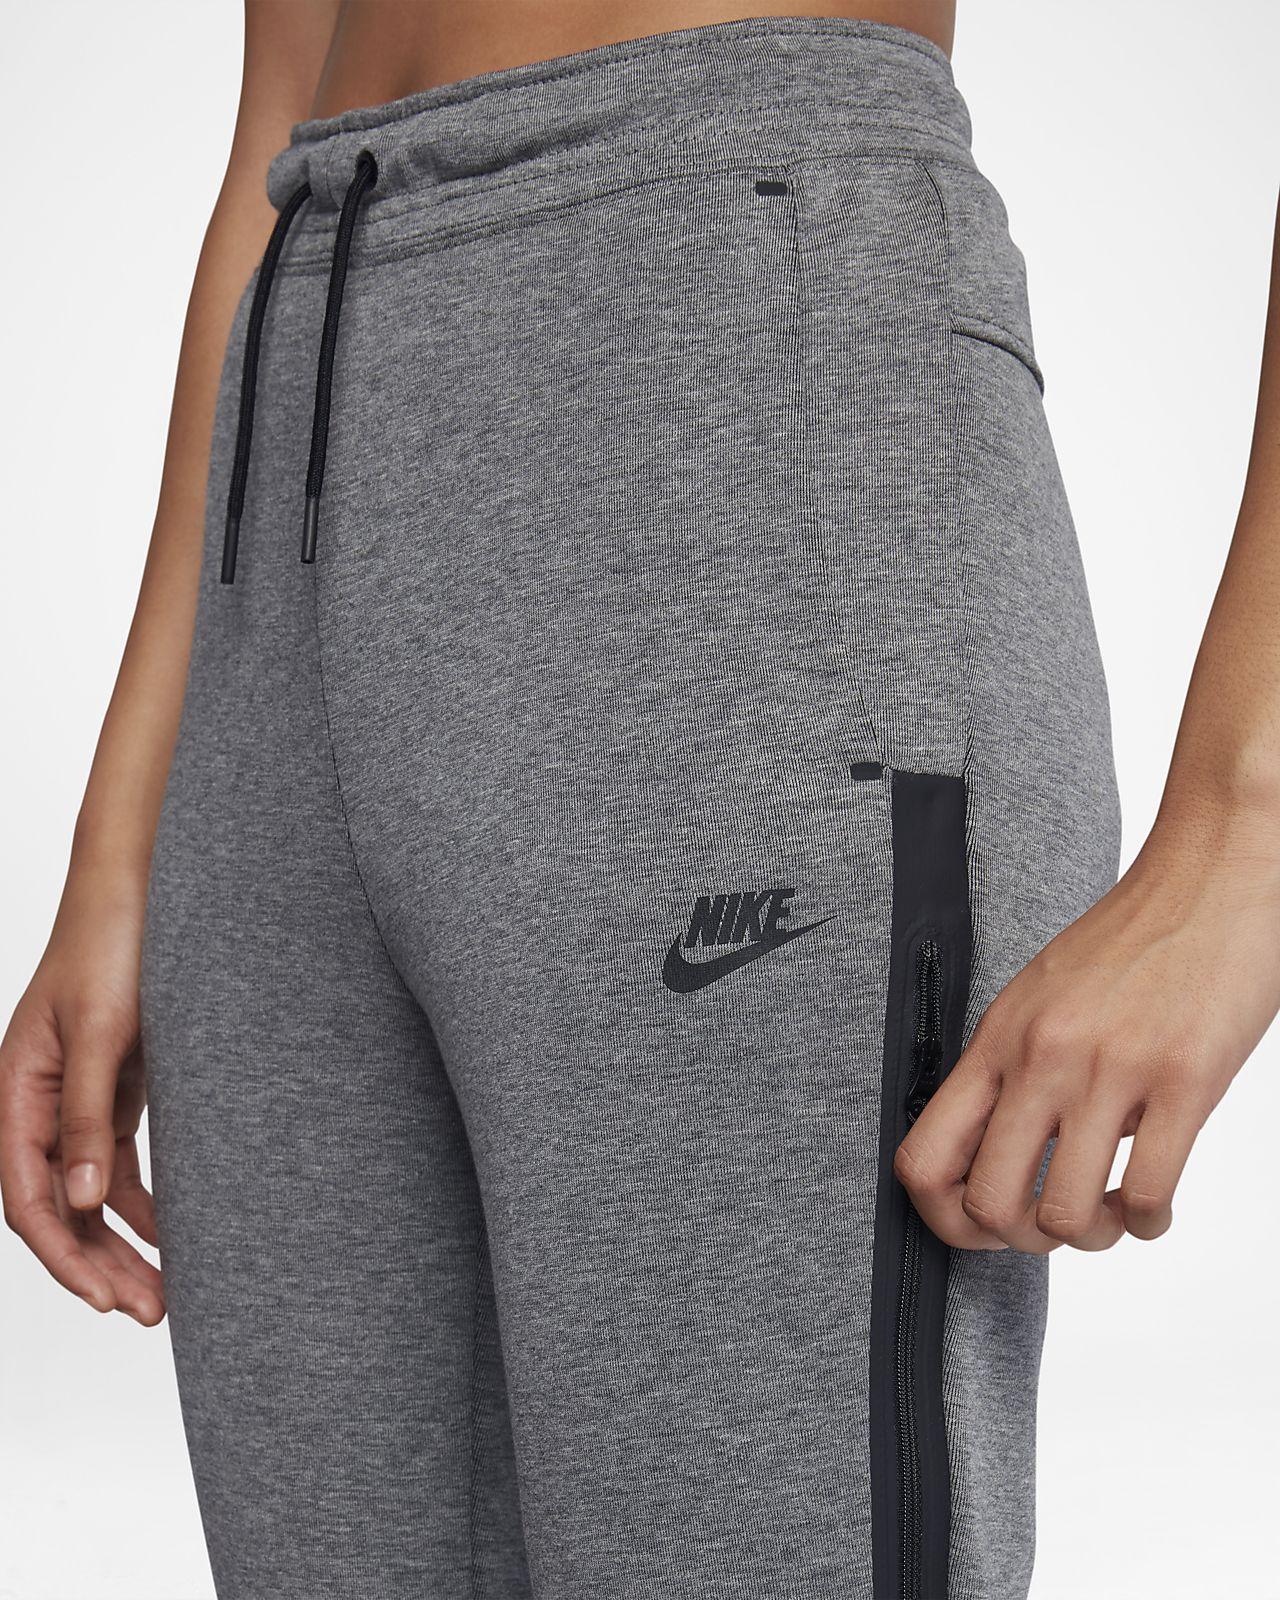 Nike sportswear for women